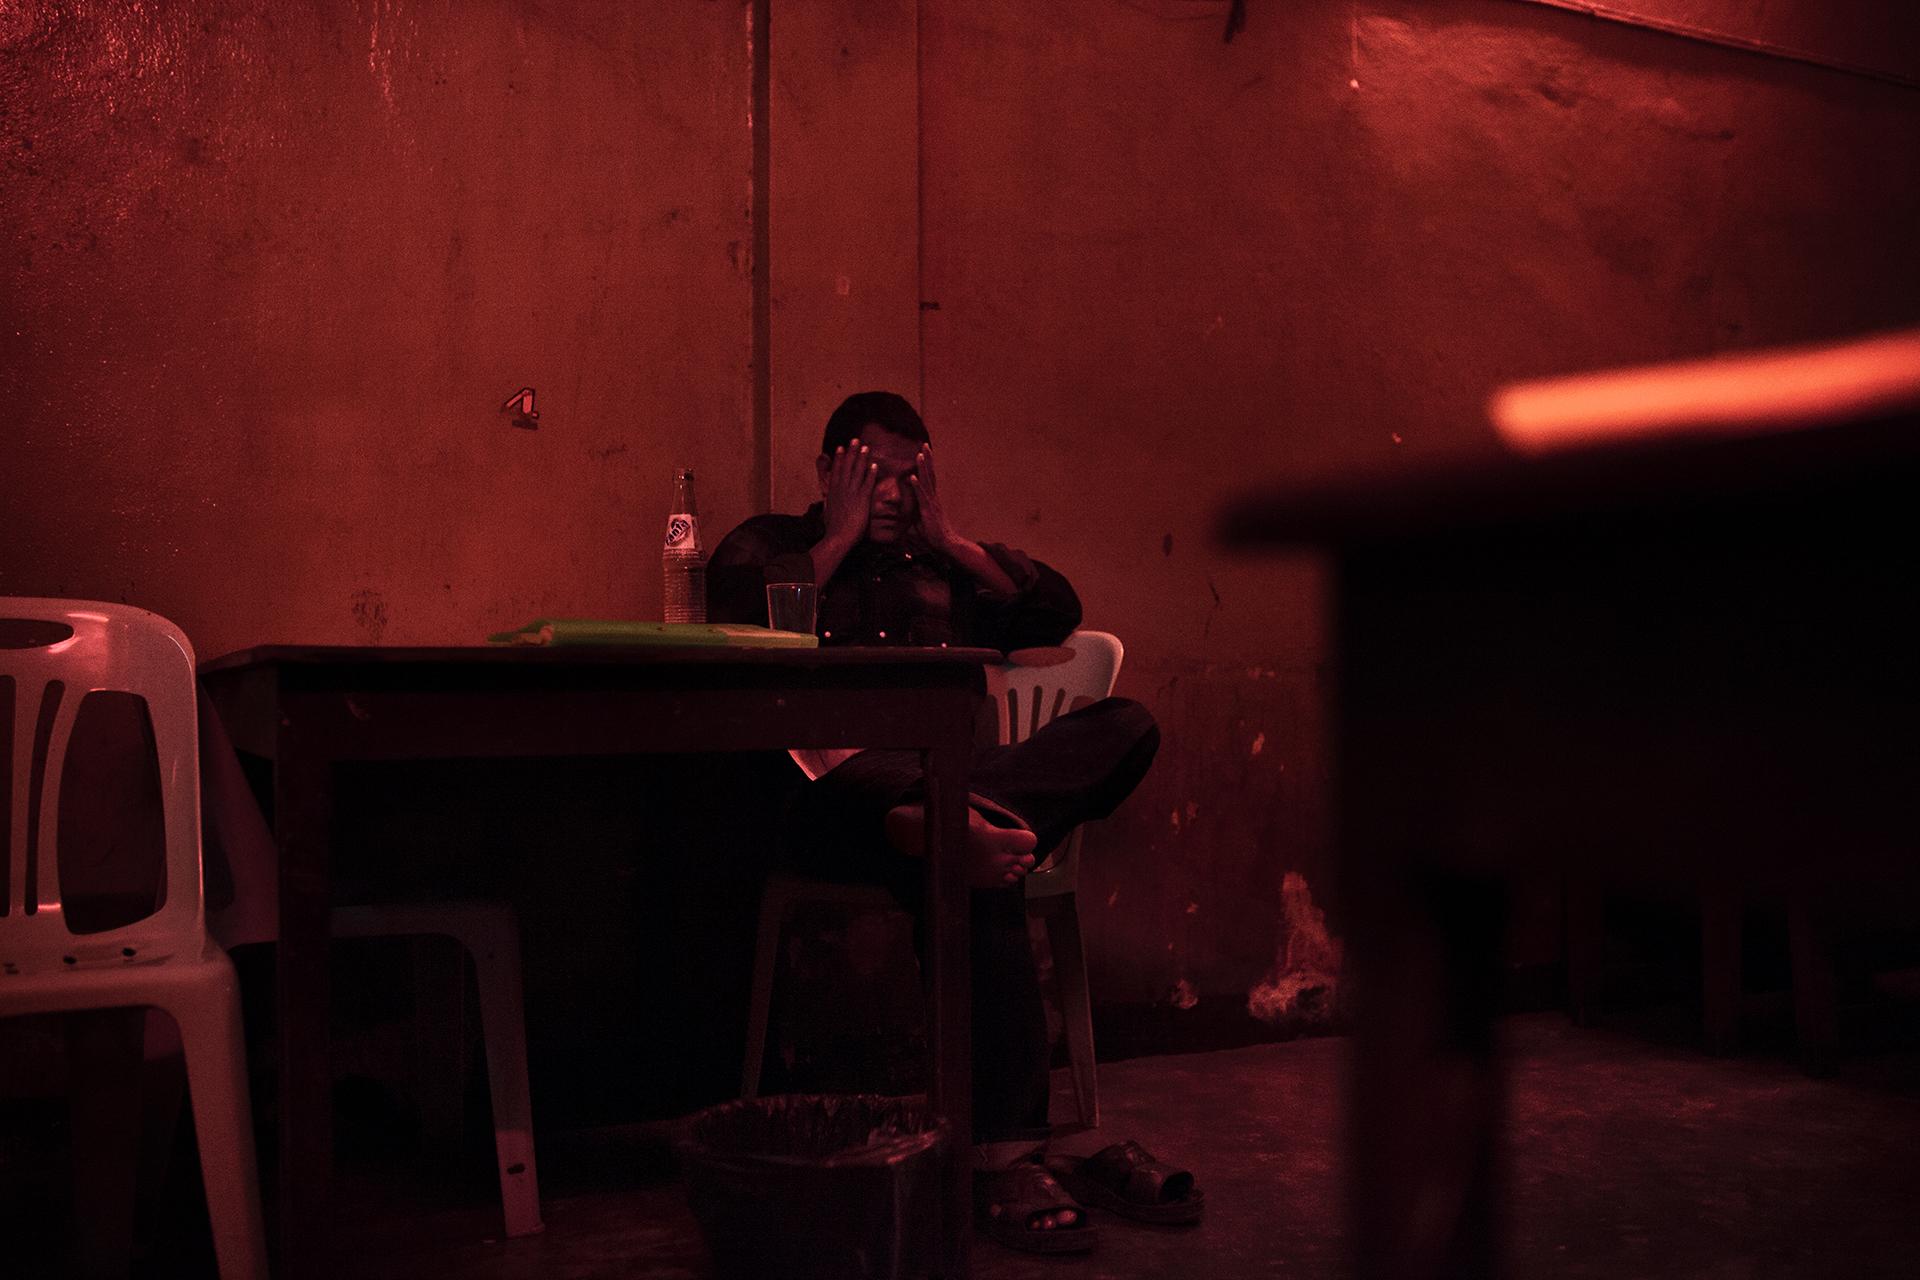 Un homme dans le bar d'un des bordels de la ville. Dans ce lieu, les clients paient 300 bahts (7€) pour passer une heure avec une fille. Mae Sot, Thaïlande, novembre 2014